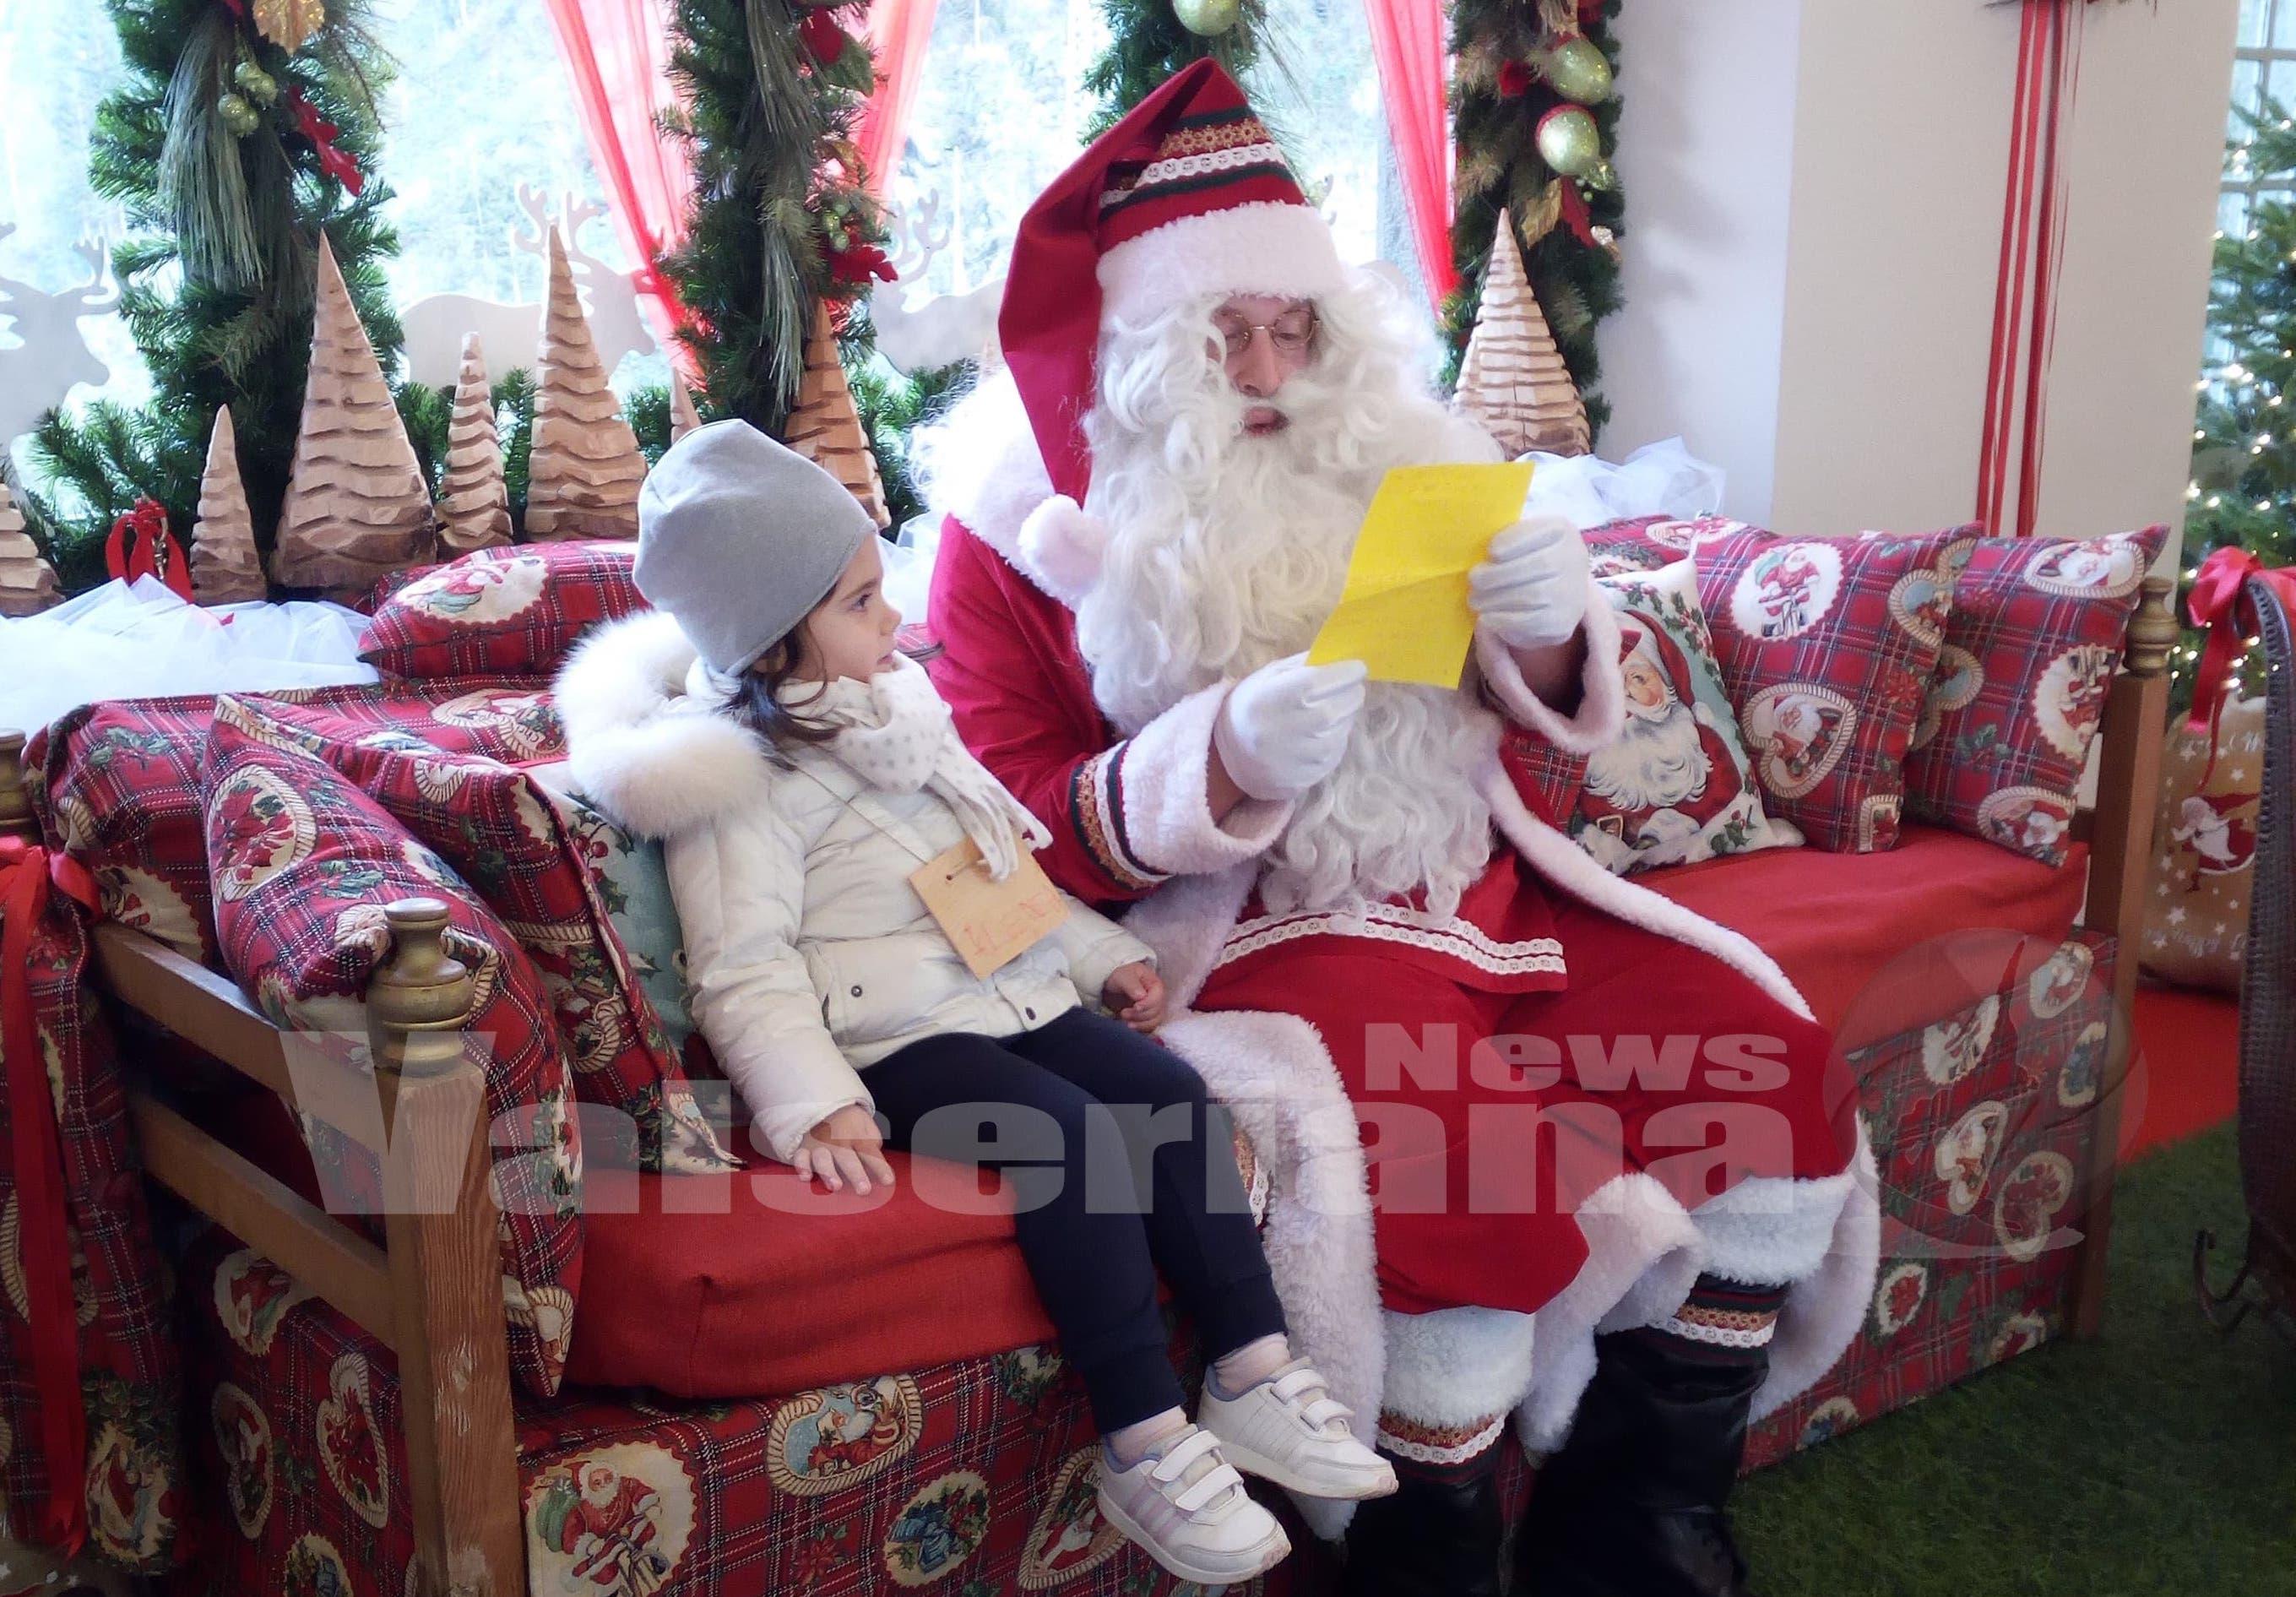 La Casa Bergamasca Di Babbo Natale.Babbo Natale E A Gromo Ed E Gia Un Successo Video Valseriana News